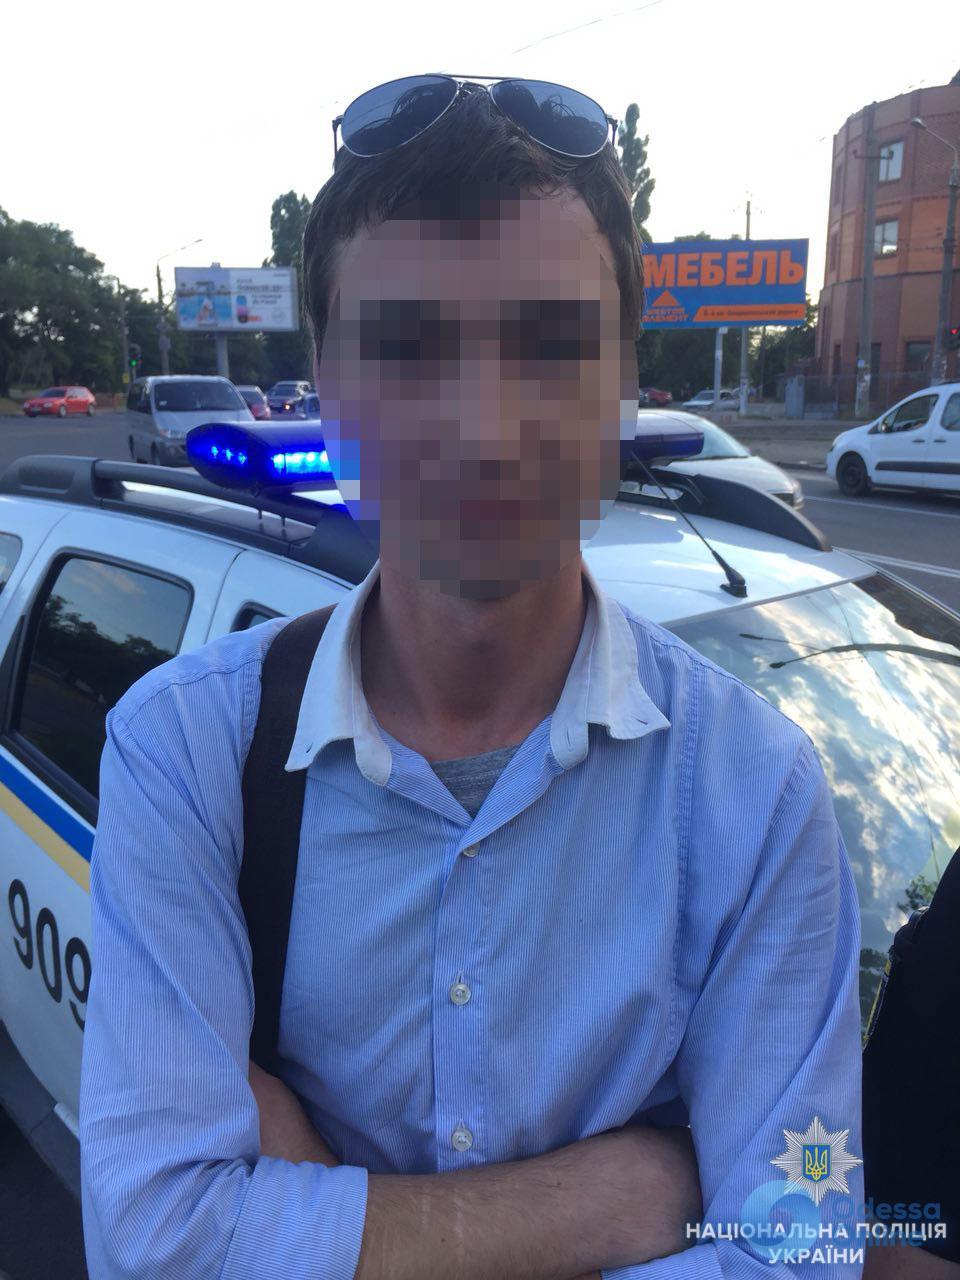 В Одессе задержали маршруточного карманника